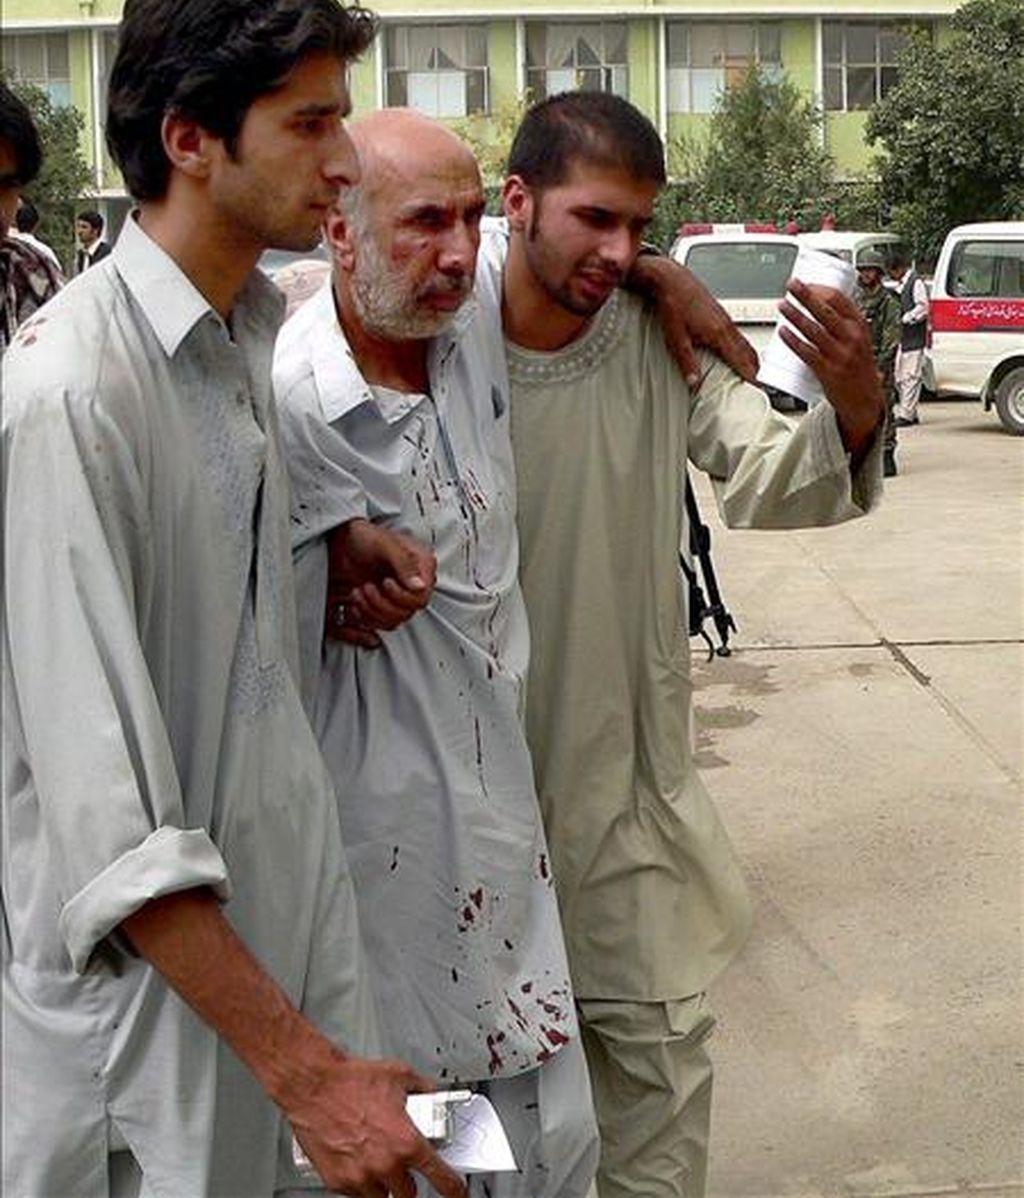 Dos jóvenes ayudan a un herido después de un doble ataque suicida contra una comisaría de la sureña ciudad de Kandahar (Afganistán). EFE/Archivo